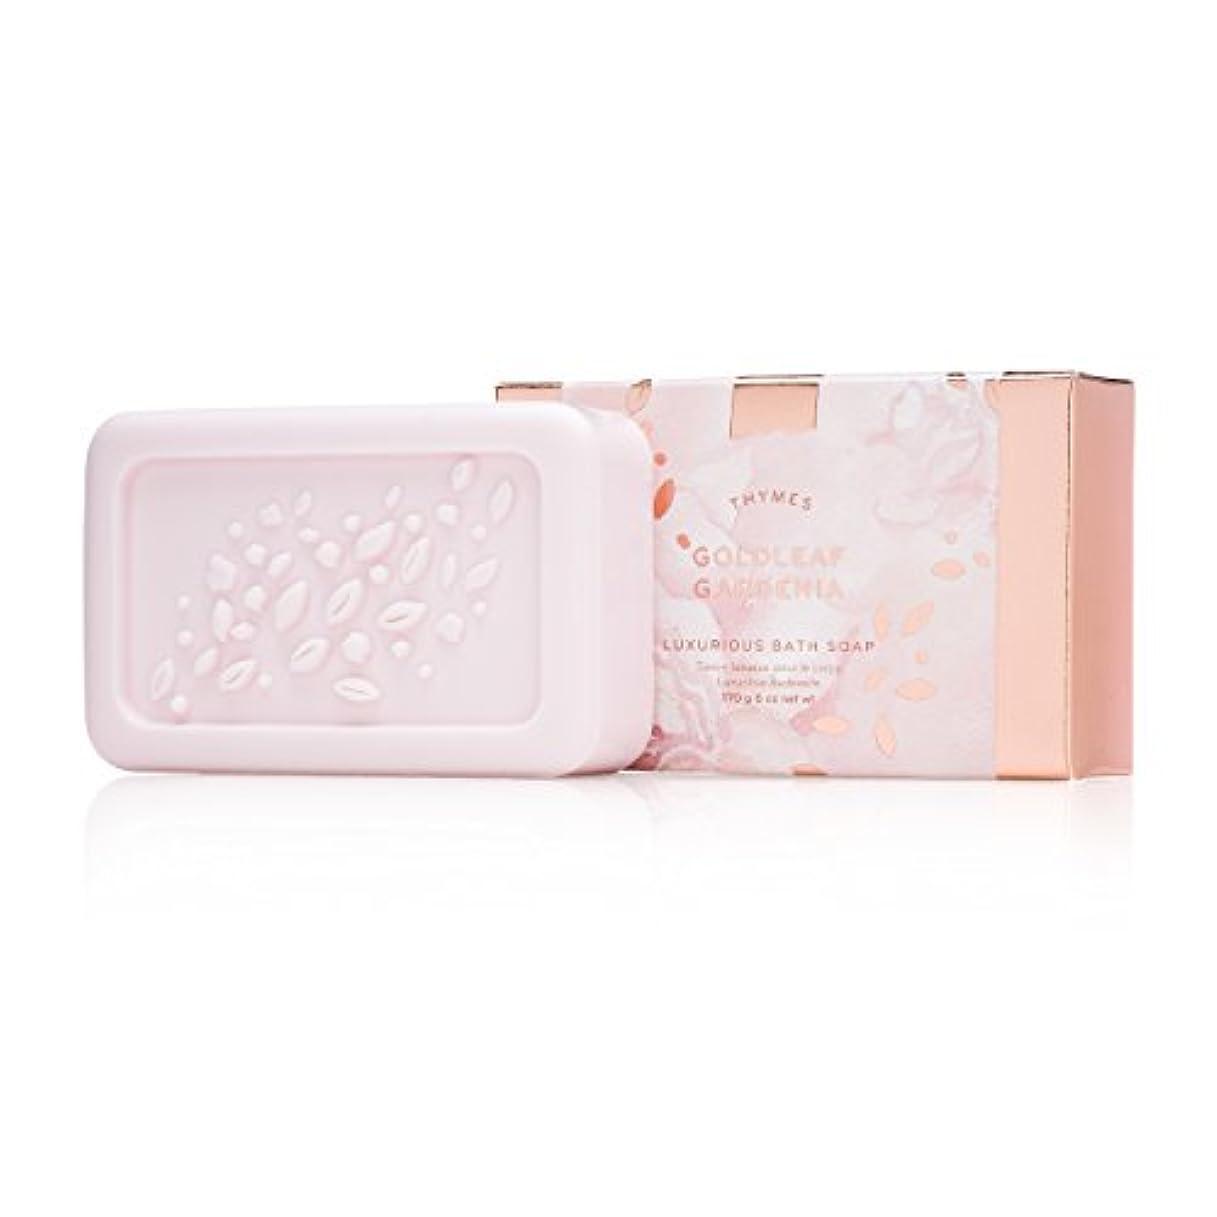 私たち自身増強するサスペンションタイムズ Goldleaf Gardenia Luxurious Bath Soap 170g/6oz並行輸入品